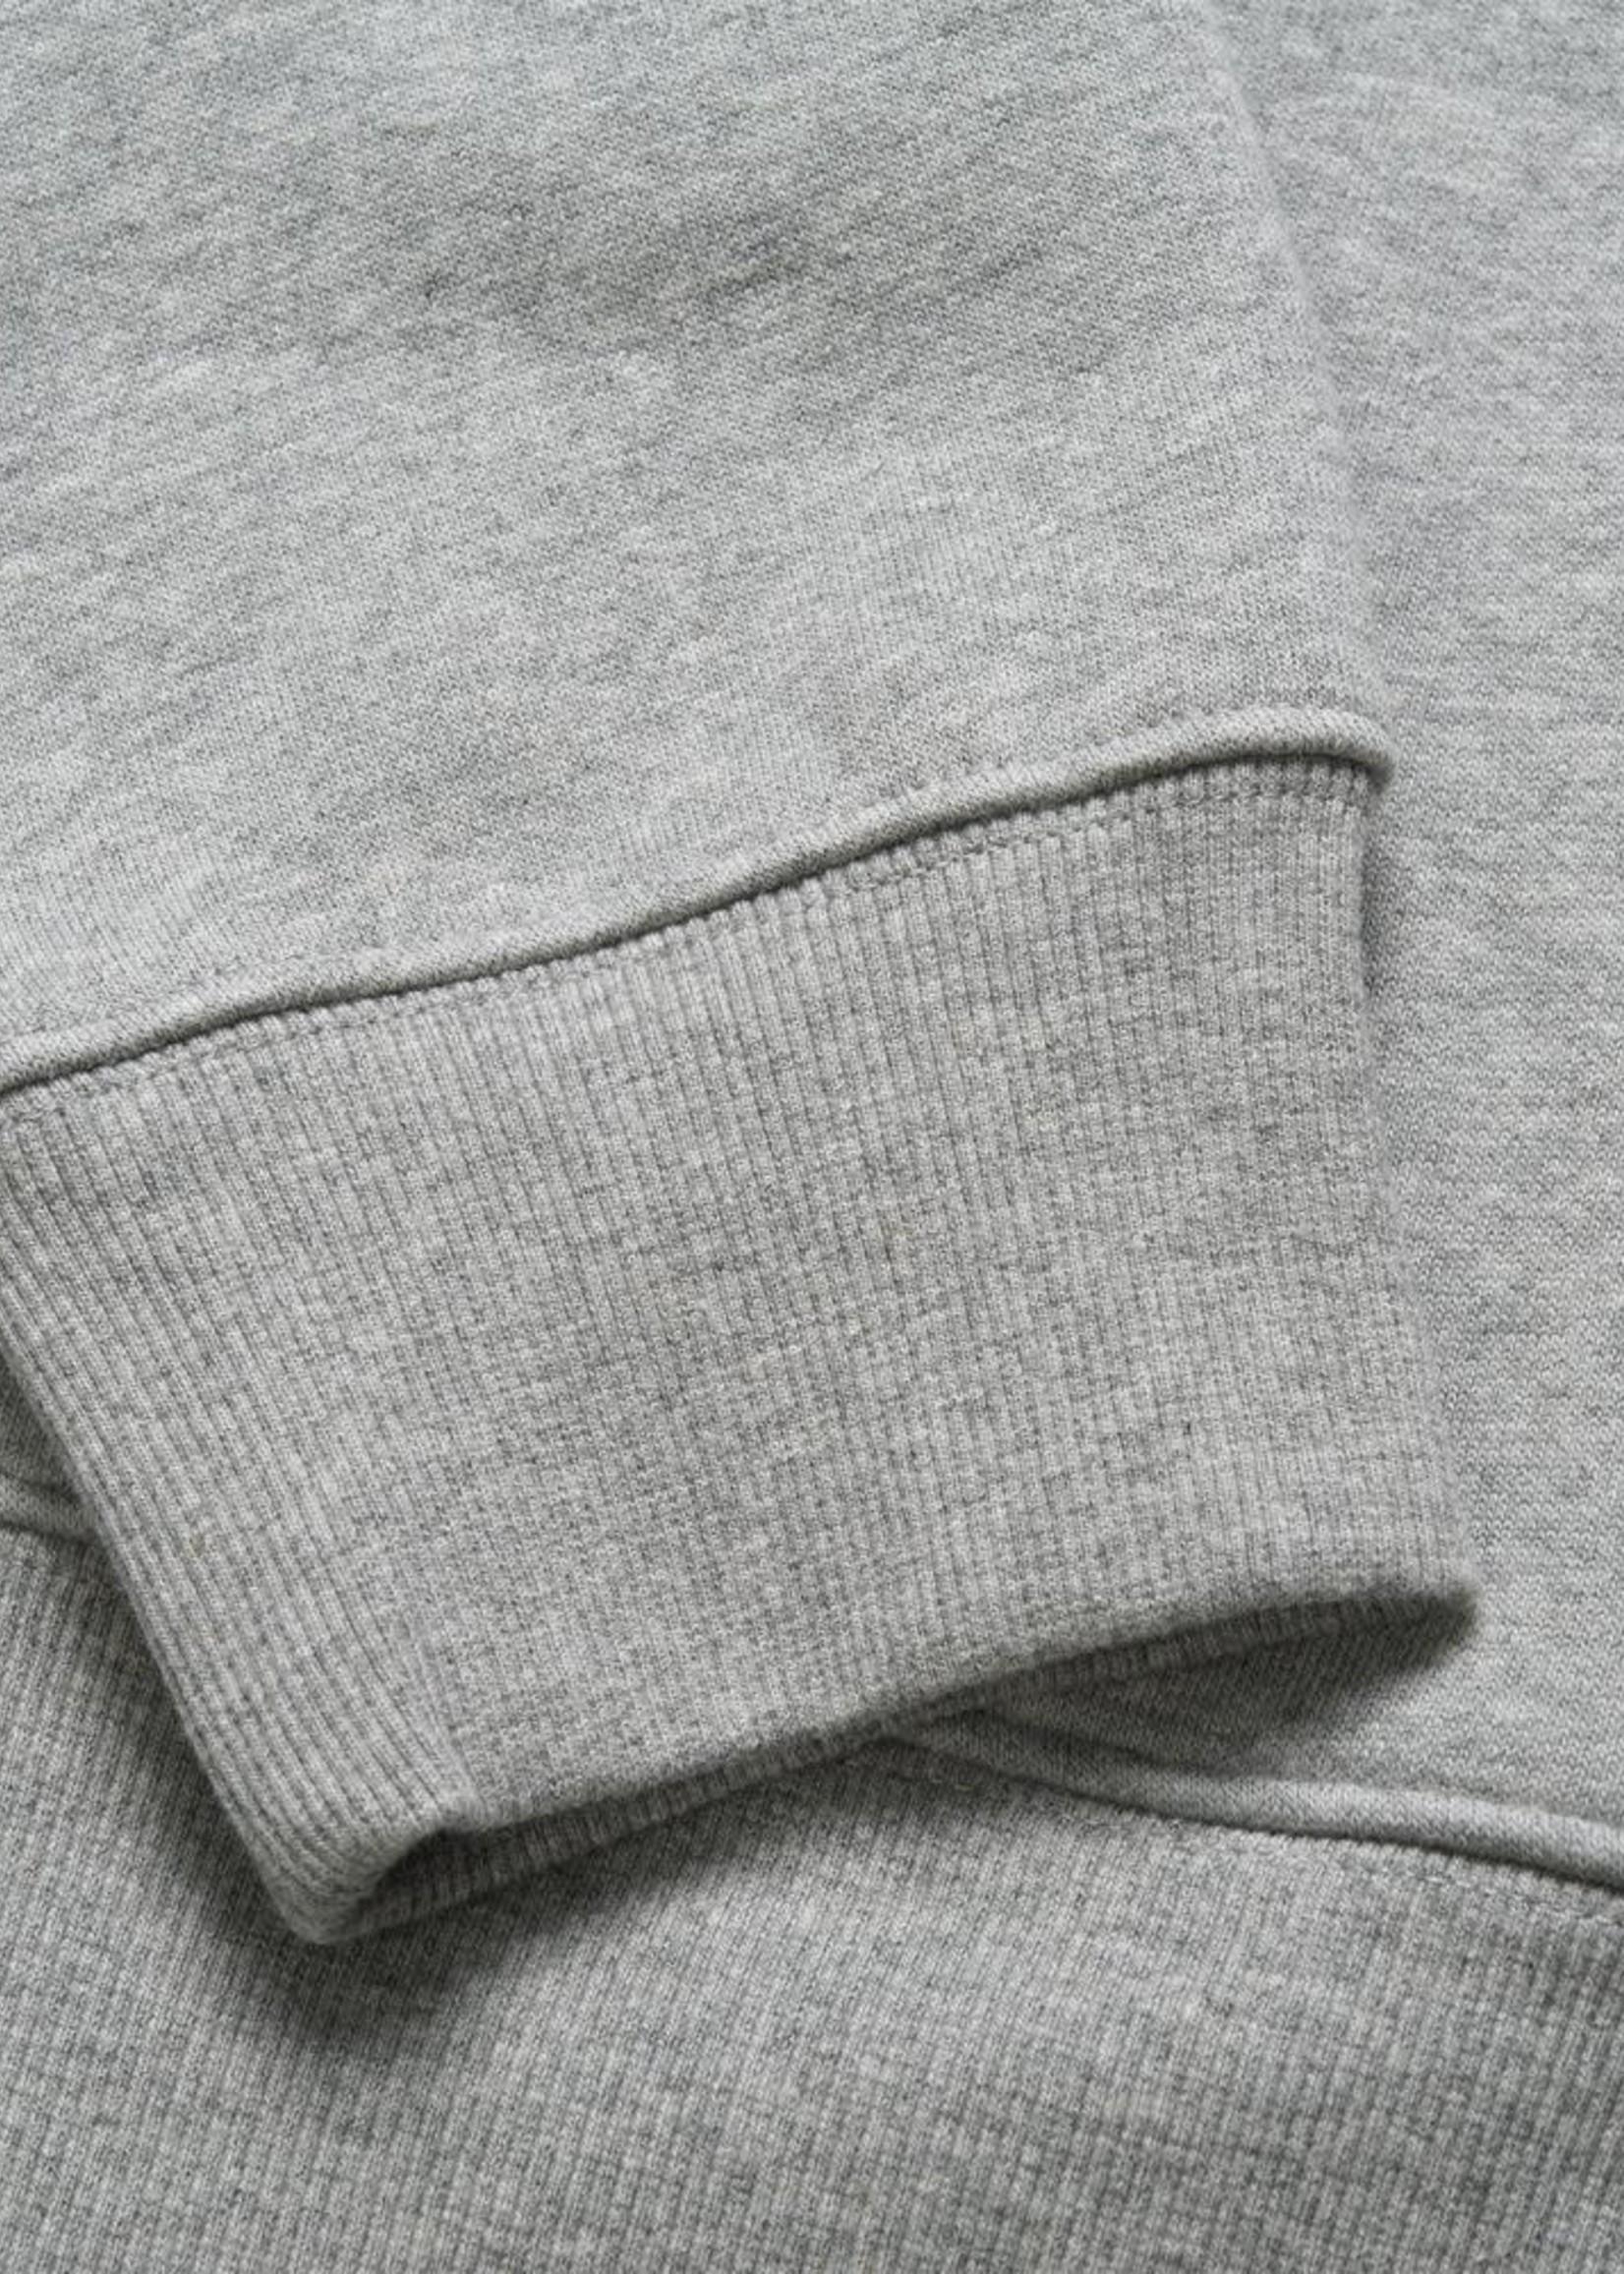 Carhartt Work In Progress Chase 1/2 Zip Sweatshirt in Heather Grey